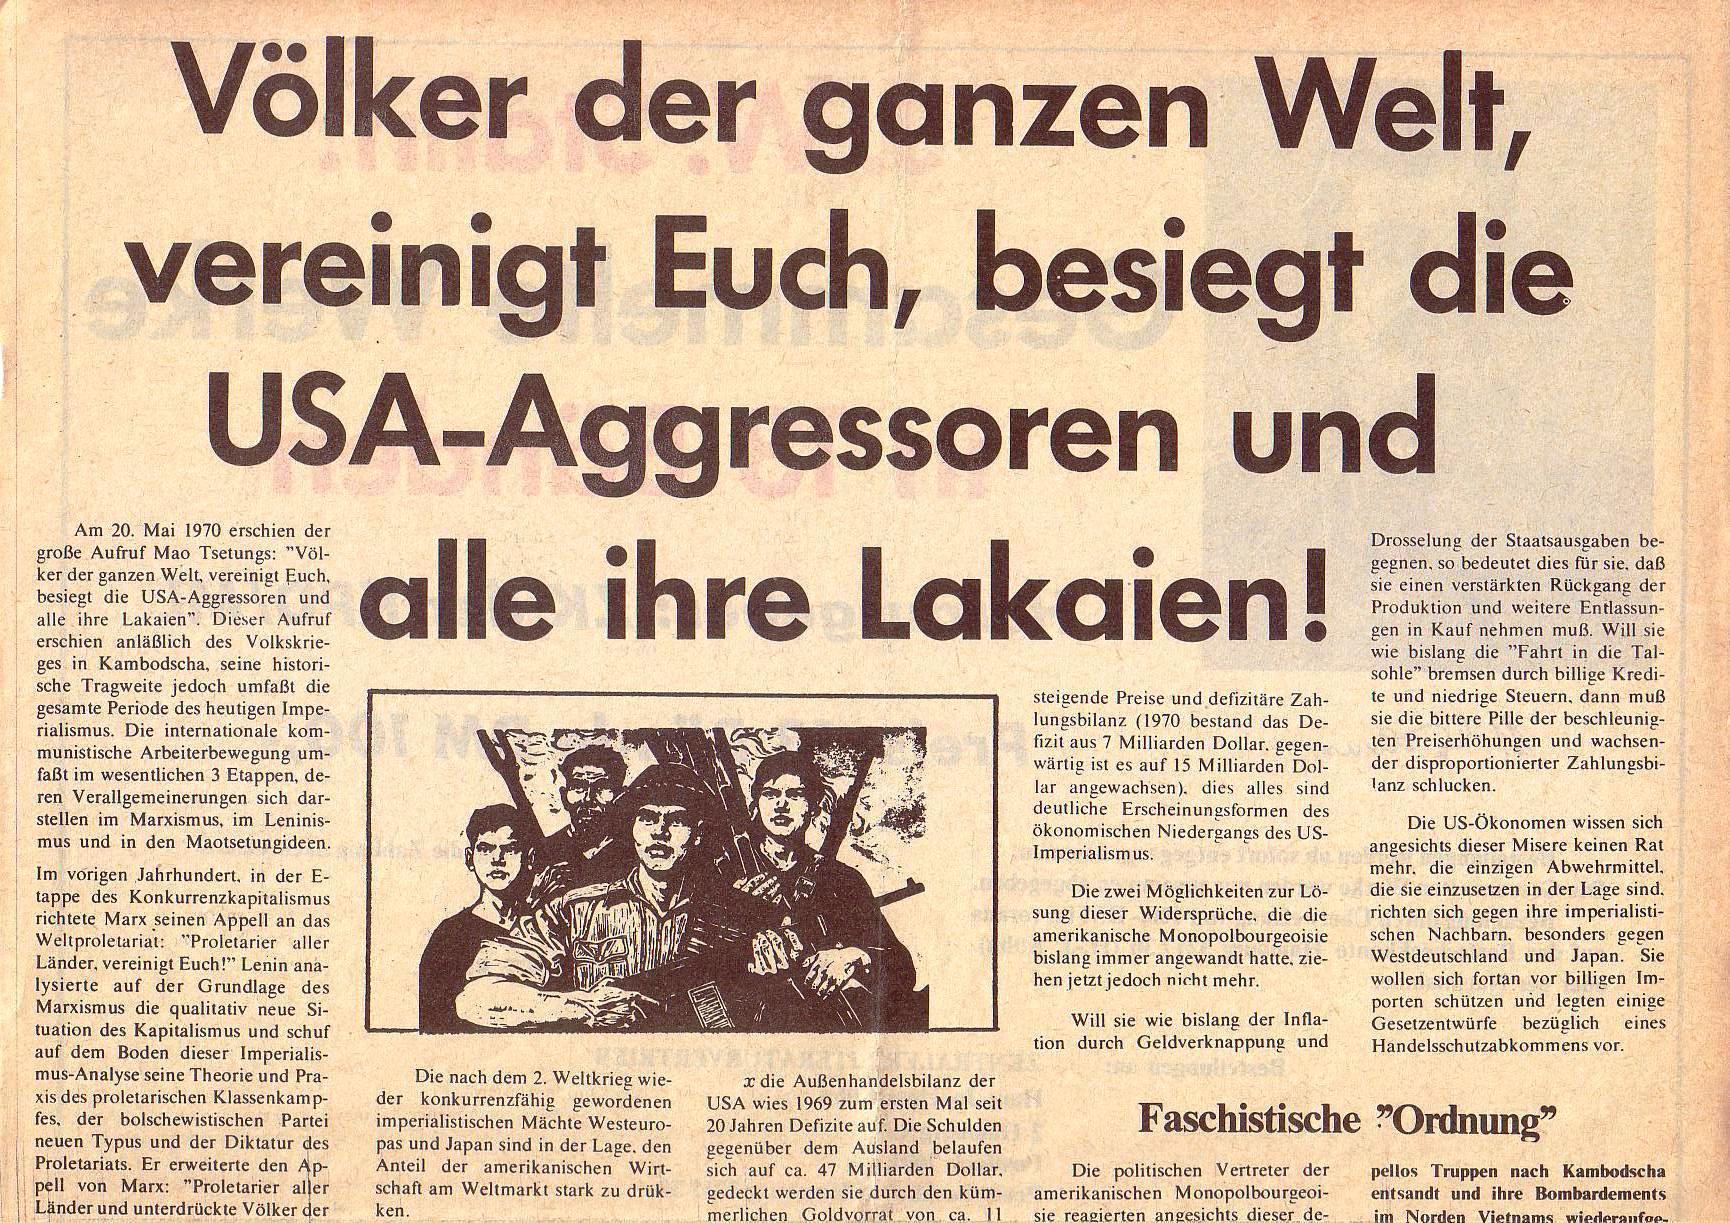 Roter Morgen, 5. Jg., Januar 1971, Nr. 1, Seite 7a